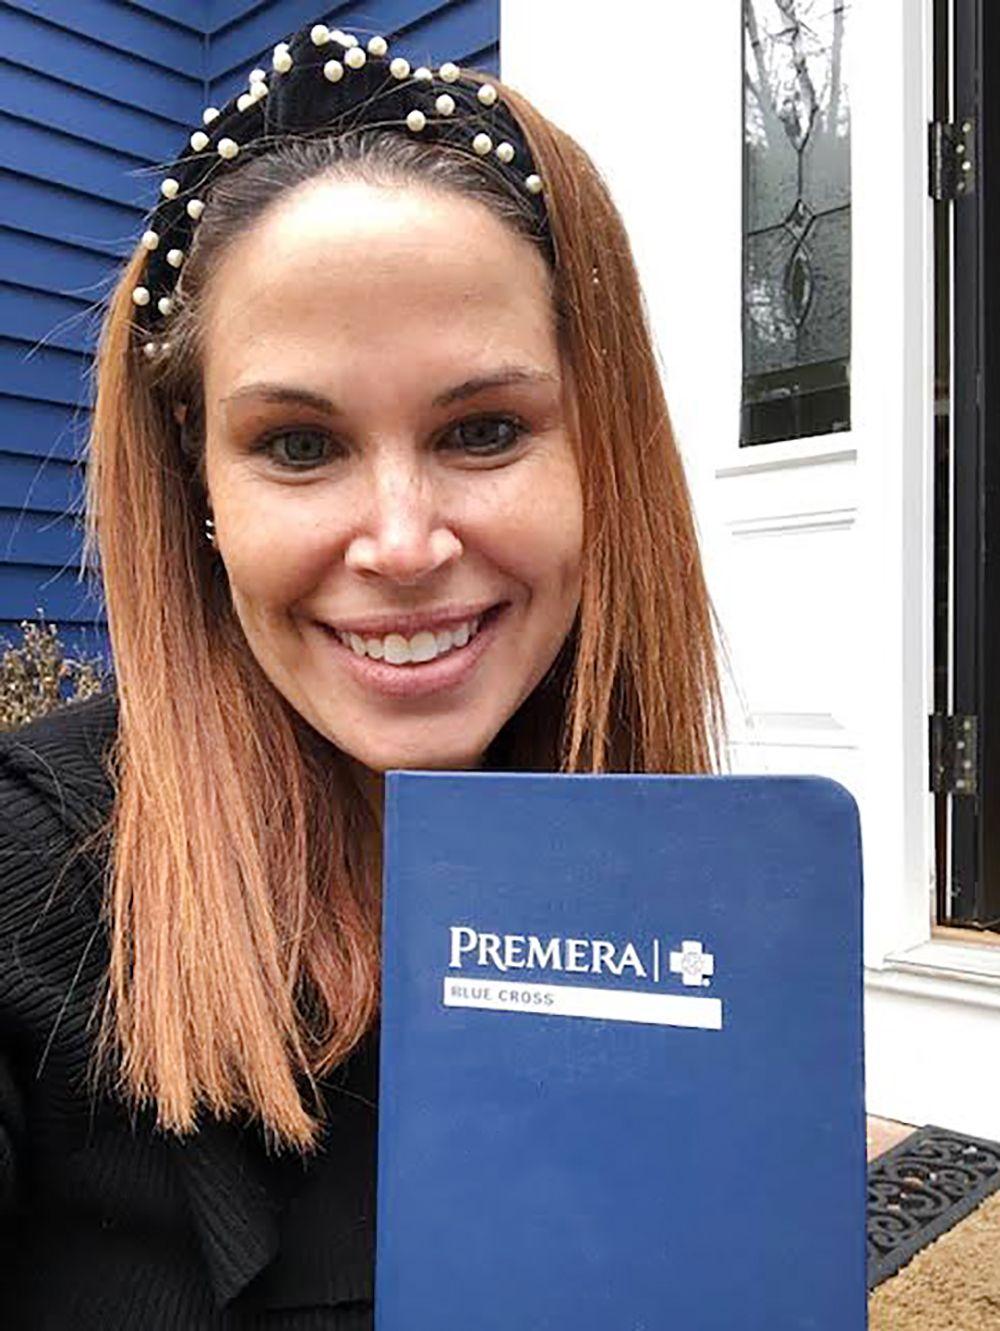 Premera Blue Cross- Great Healthcare Coverage!